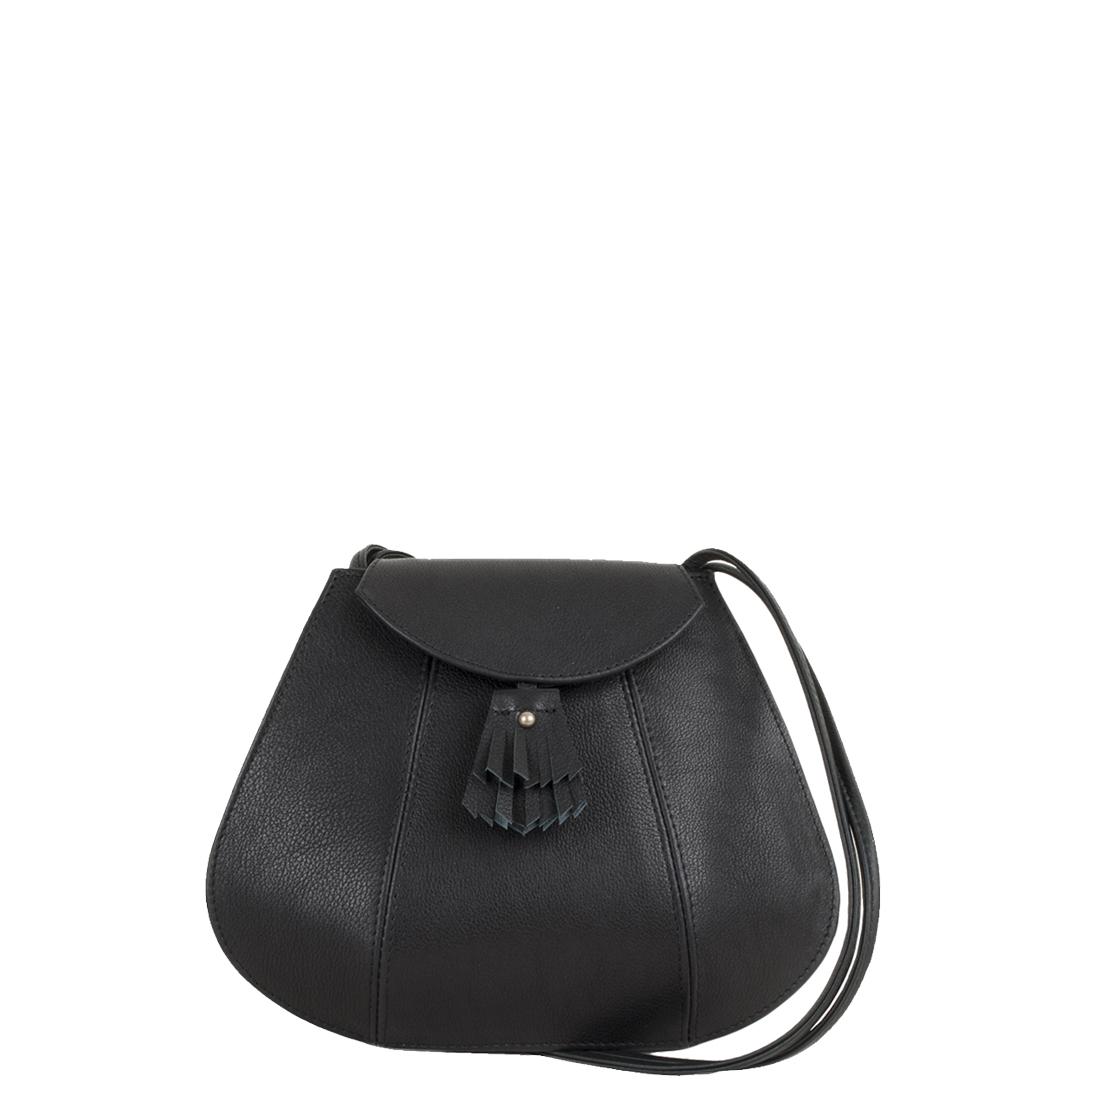 Florence Black Leather Shoulder Bag